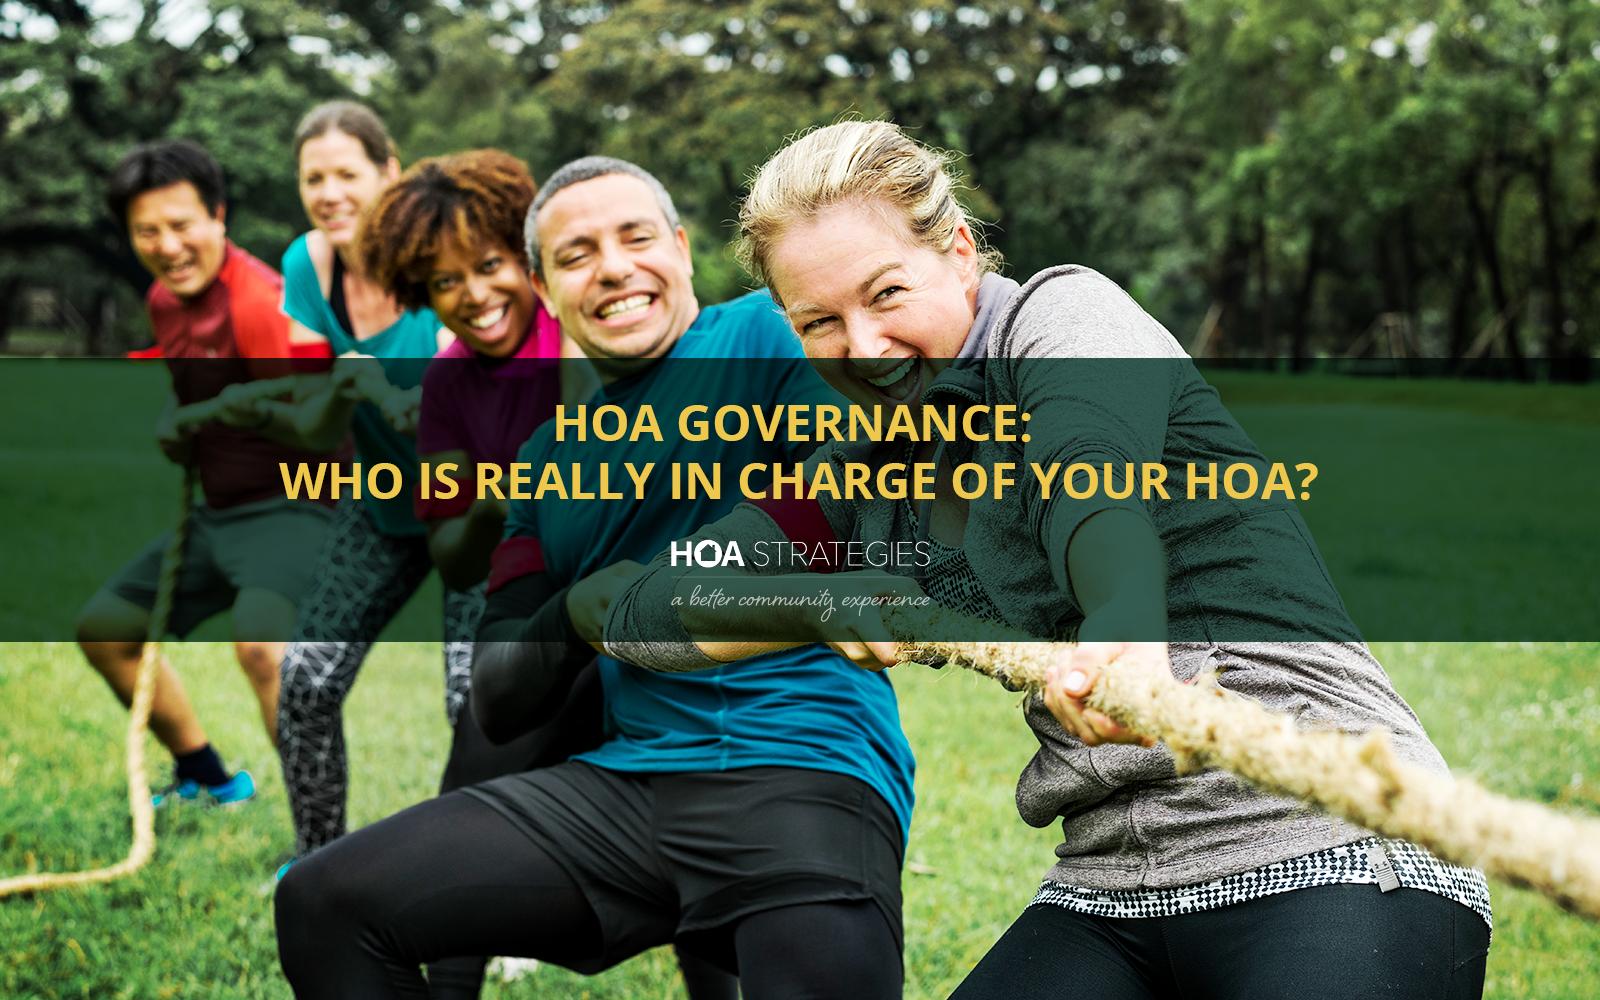 HOA Governance is not tug of war